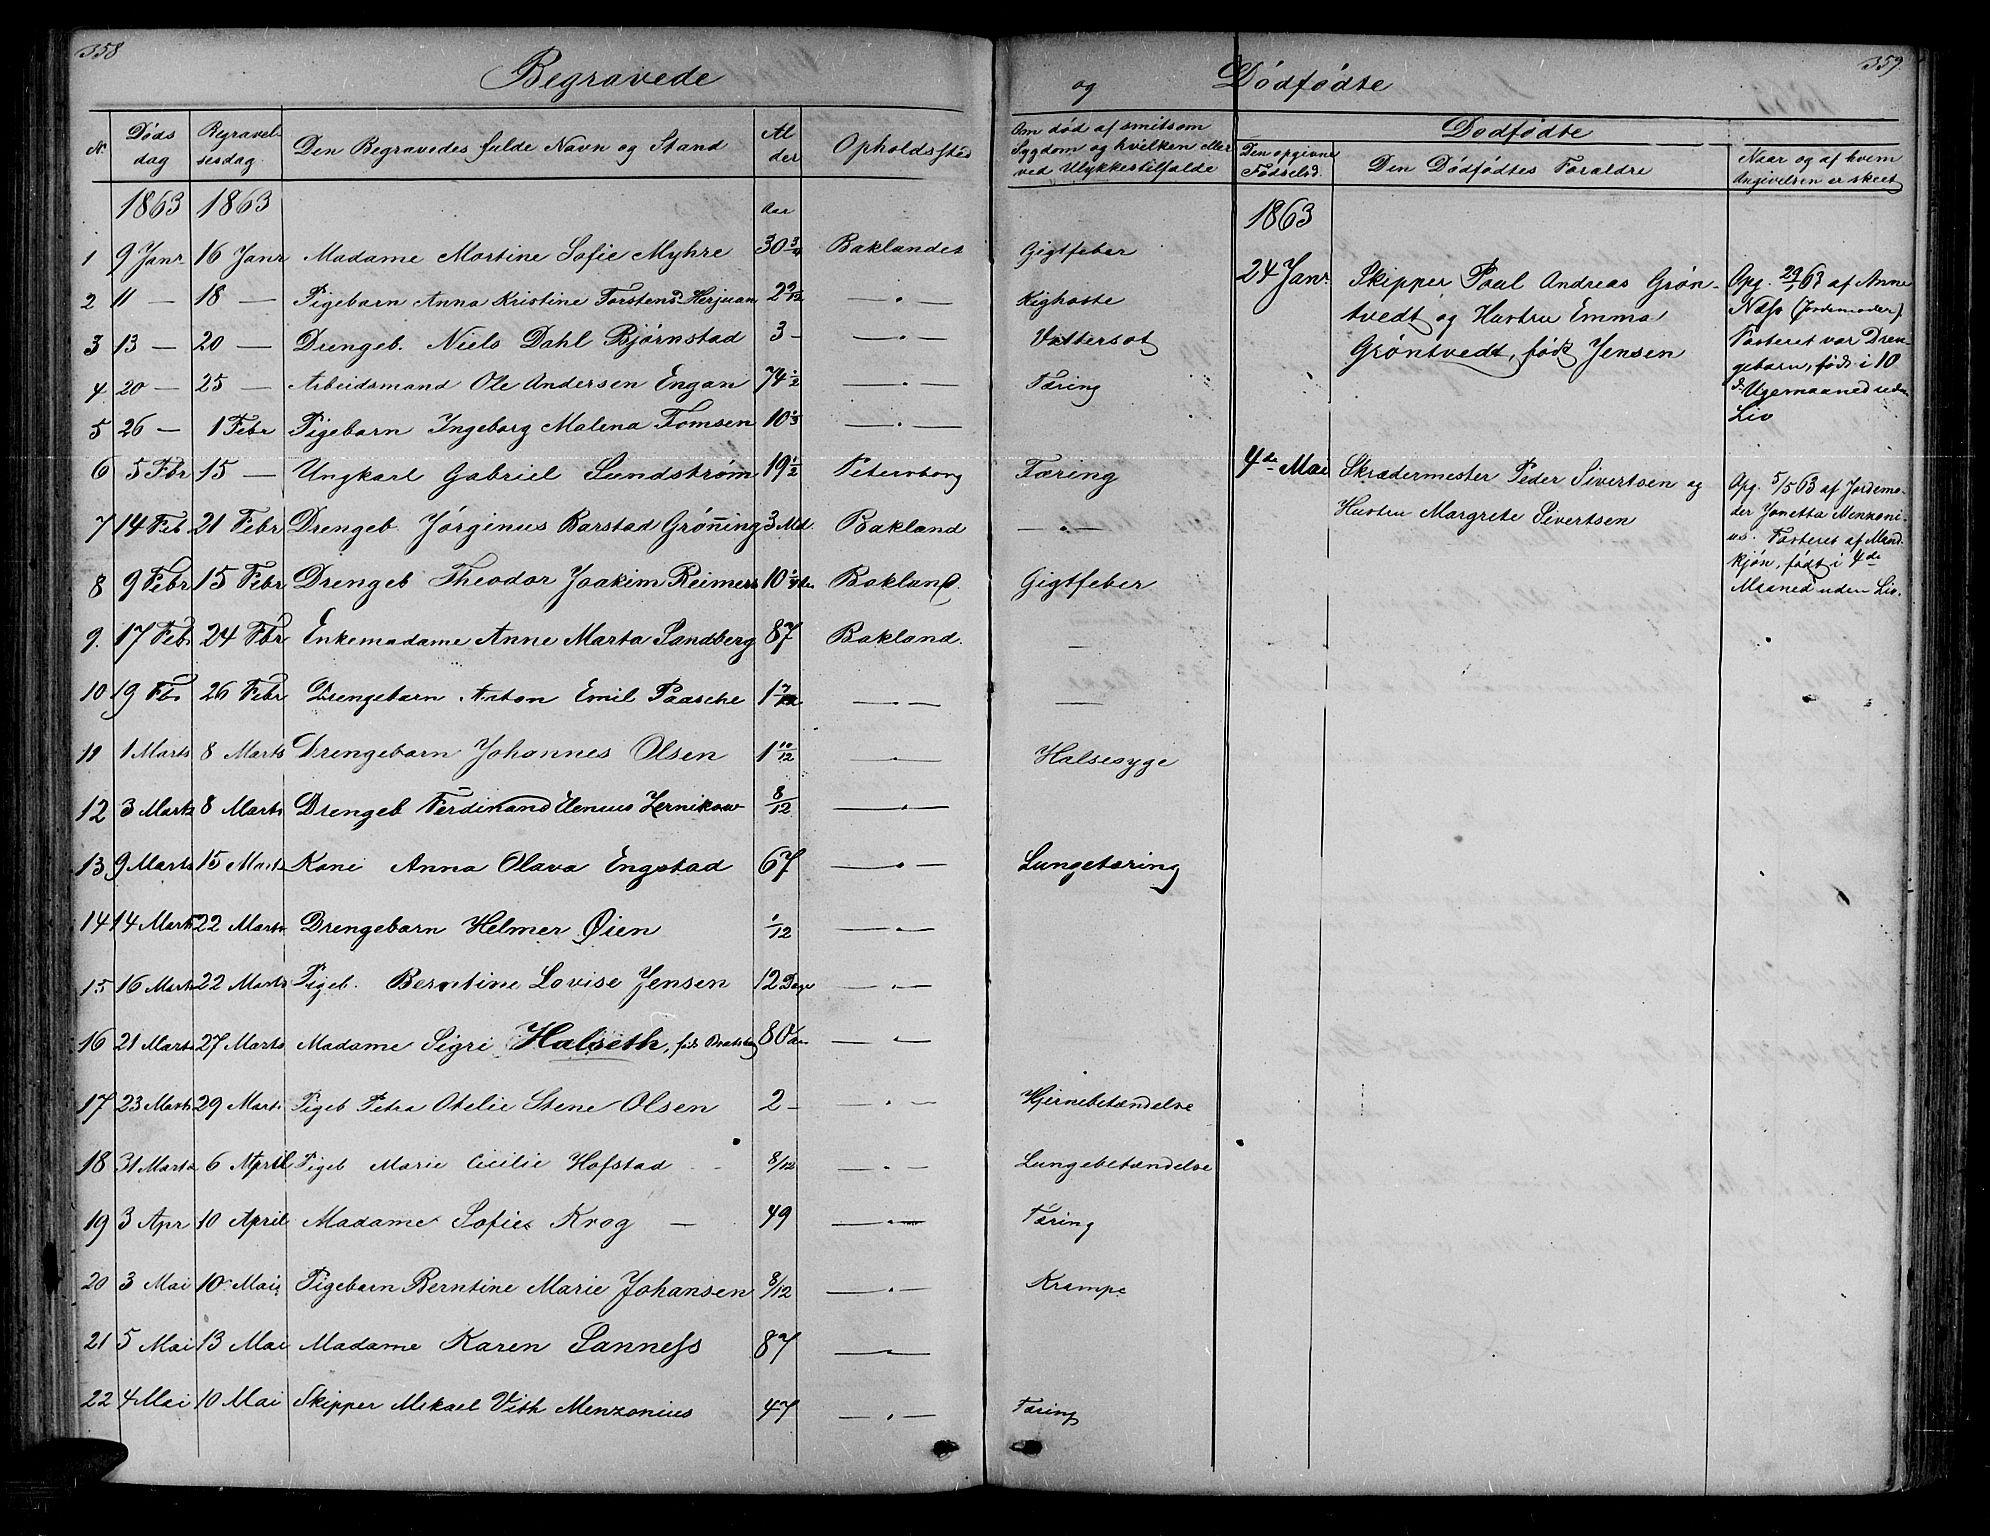 SAT, Ministerialprotokoller, klokkerbøker og fødselsregistre - Sør-Trøndelag, 604/L0219: Klokkerbok nr. 604C02, 1851-1869, s. 358-359